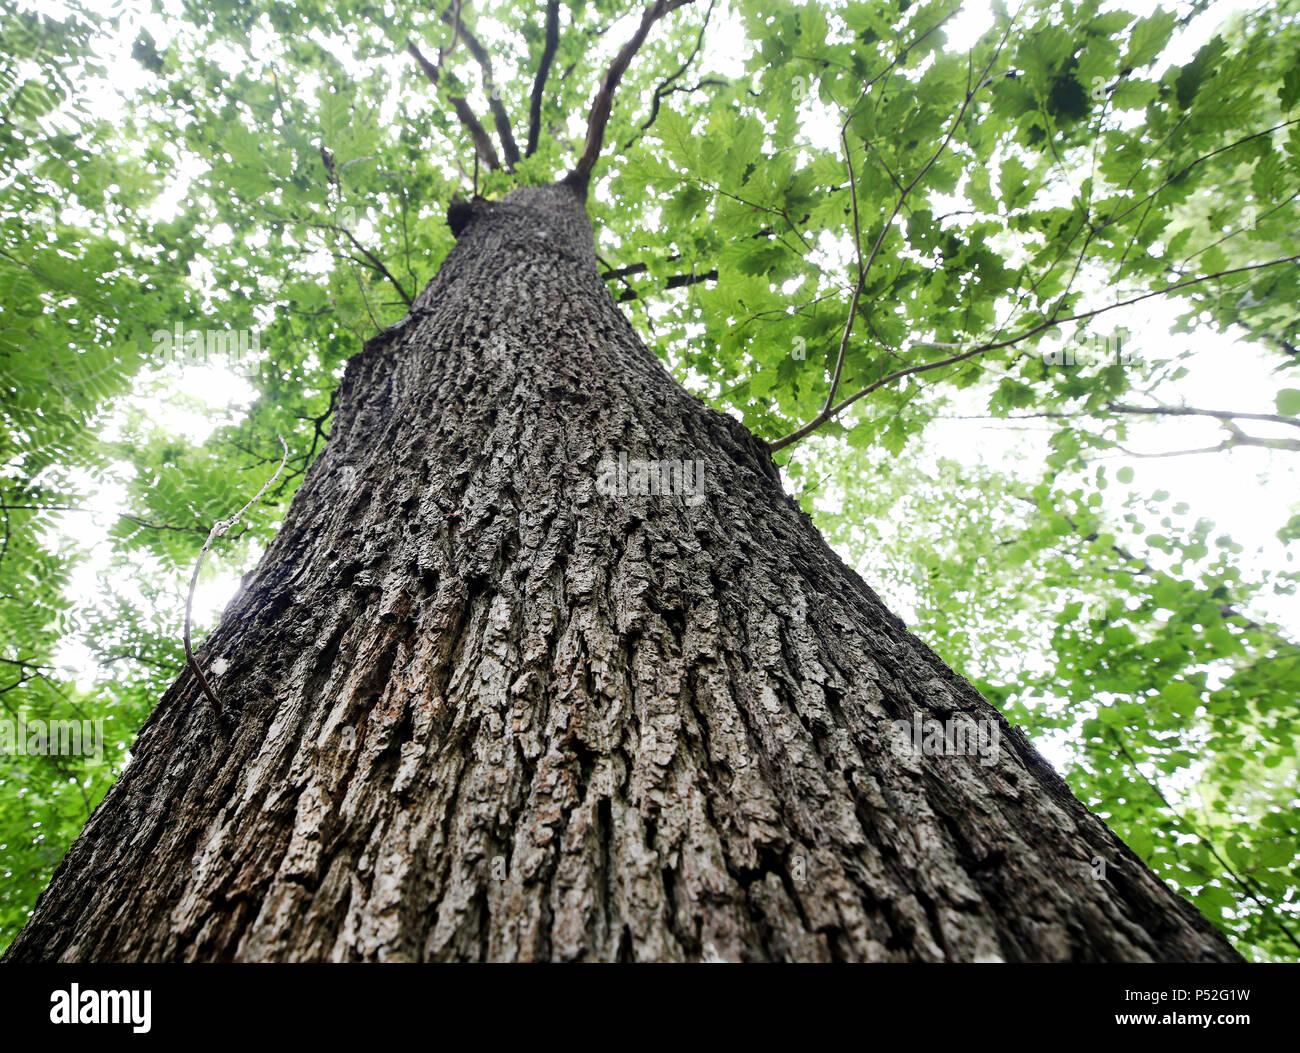 Wegberg Deutschland 14 Juni 2018 Eine Sehr Alte Eiche Baum